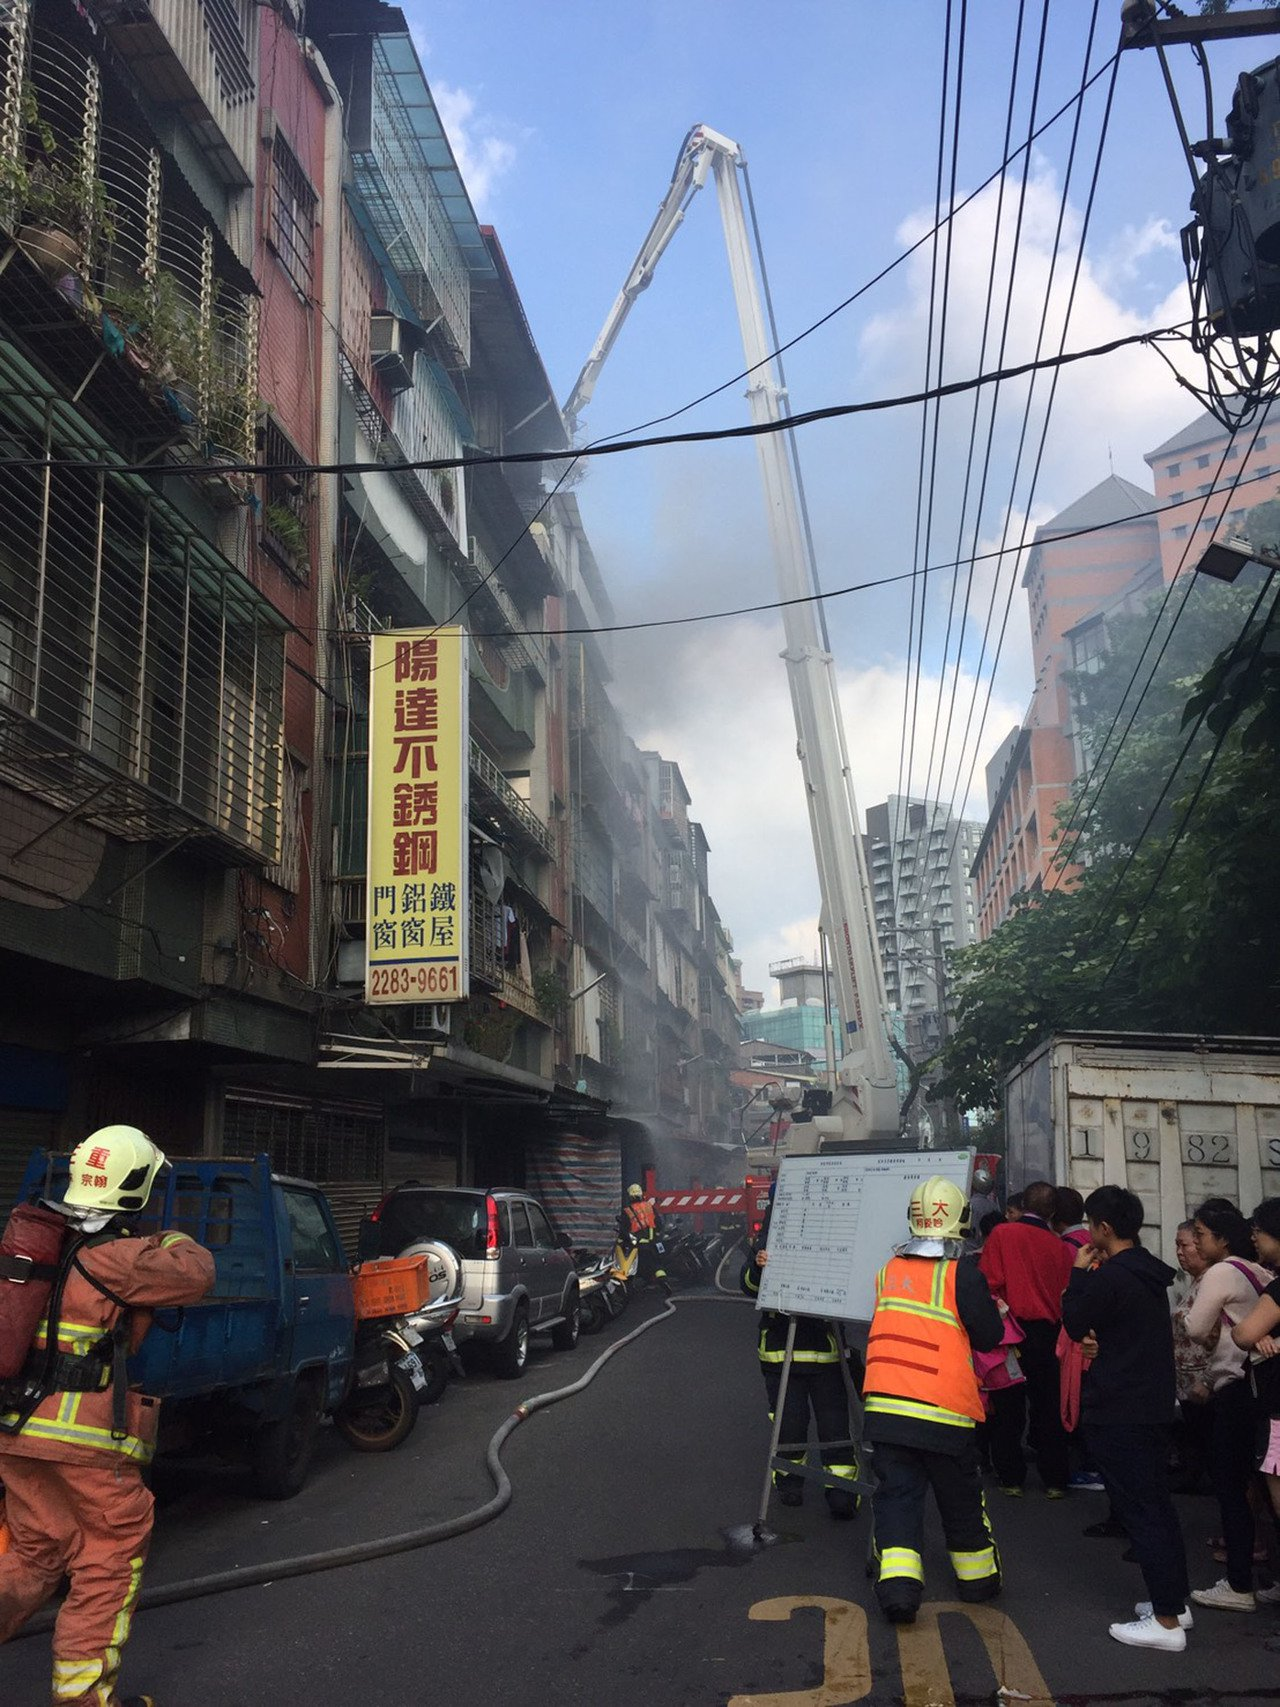 新北市蘆洲區信義路一棟公寓頂樓加蓋29日下午火警,消防人員獲報趕往搶救,在屋內發...